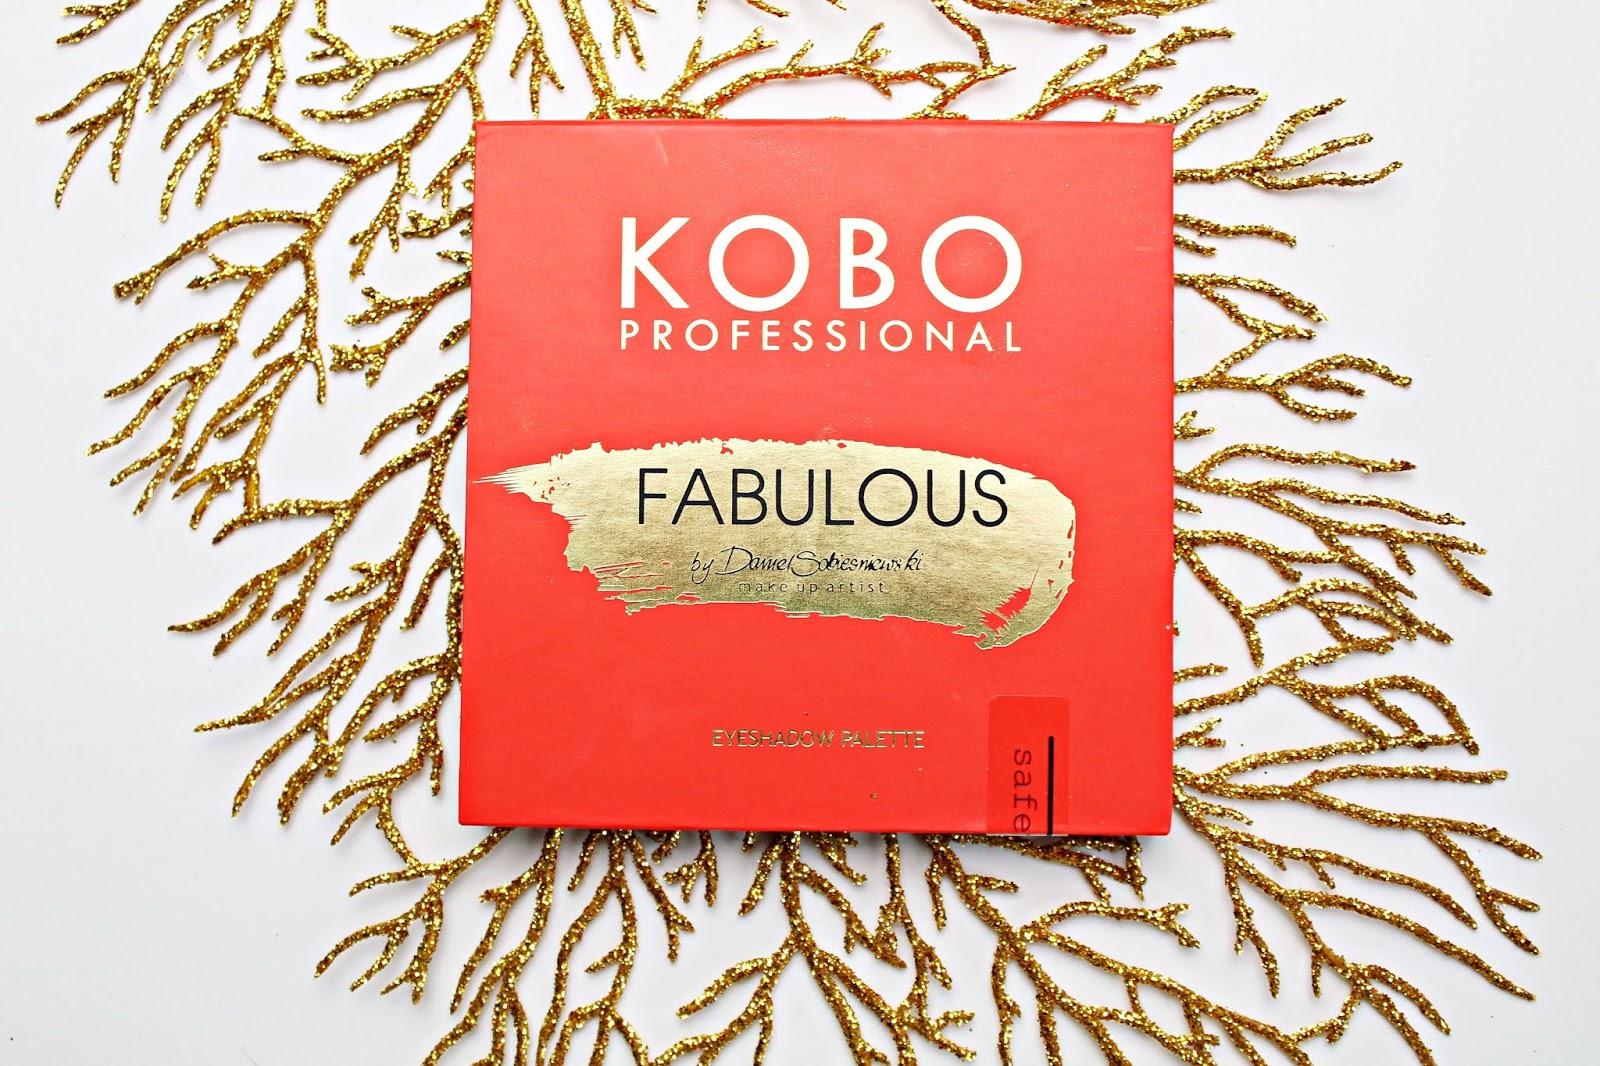 Kobo Professional FABULOUS by Daniel Sobieśniewski - paleta cieni z limitowanej edycji